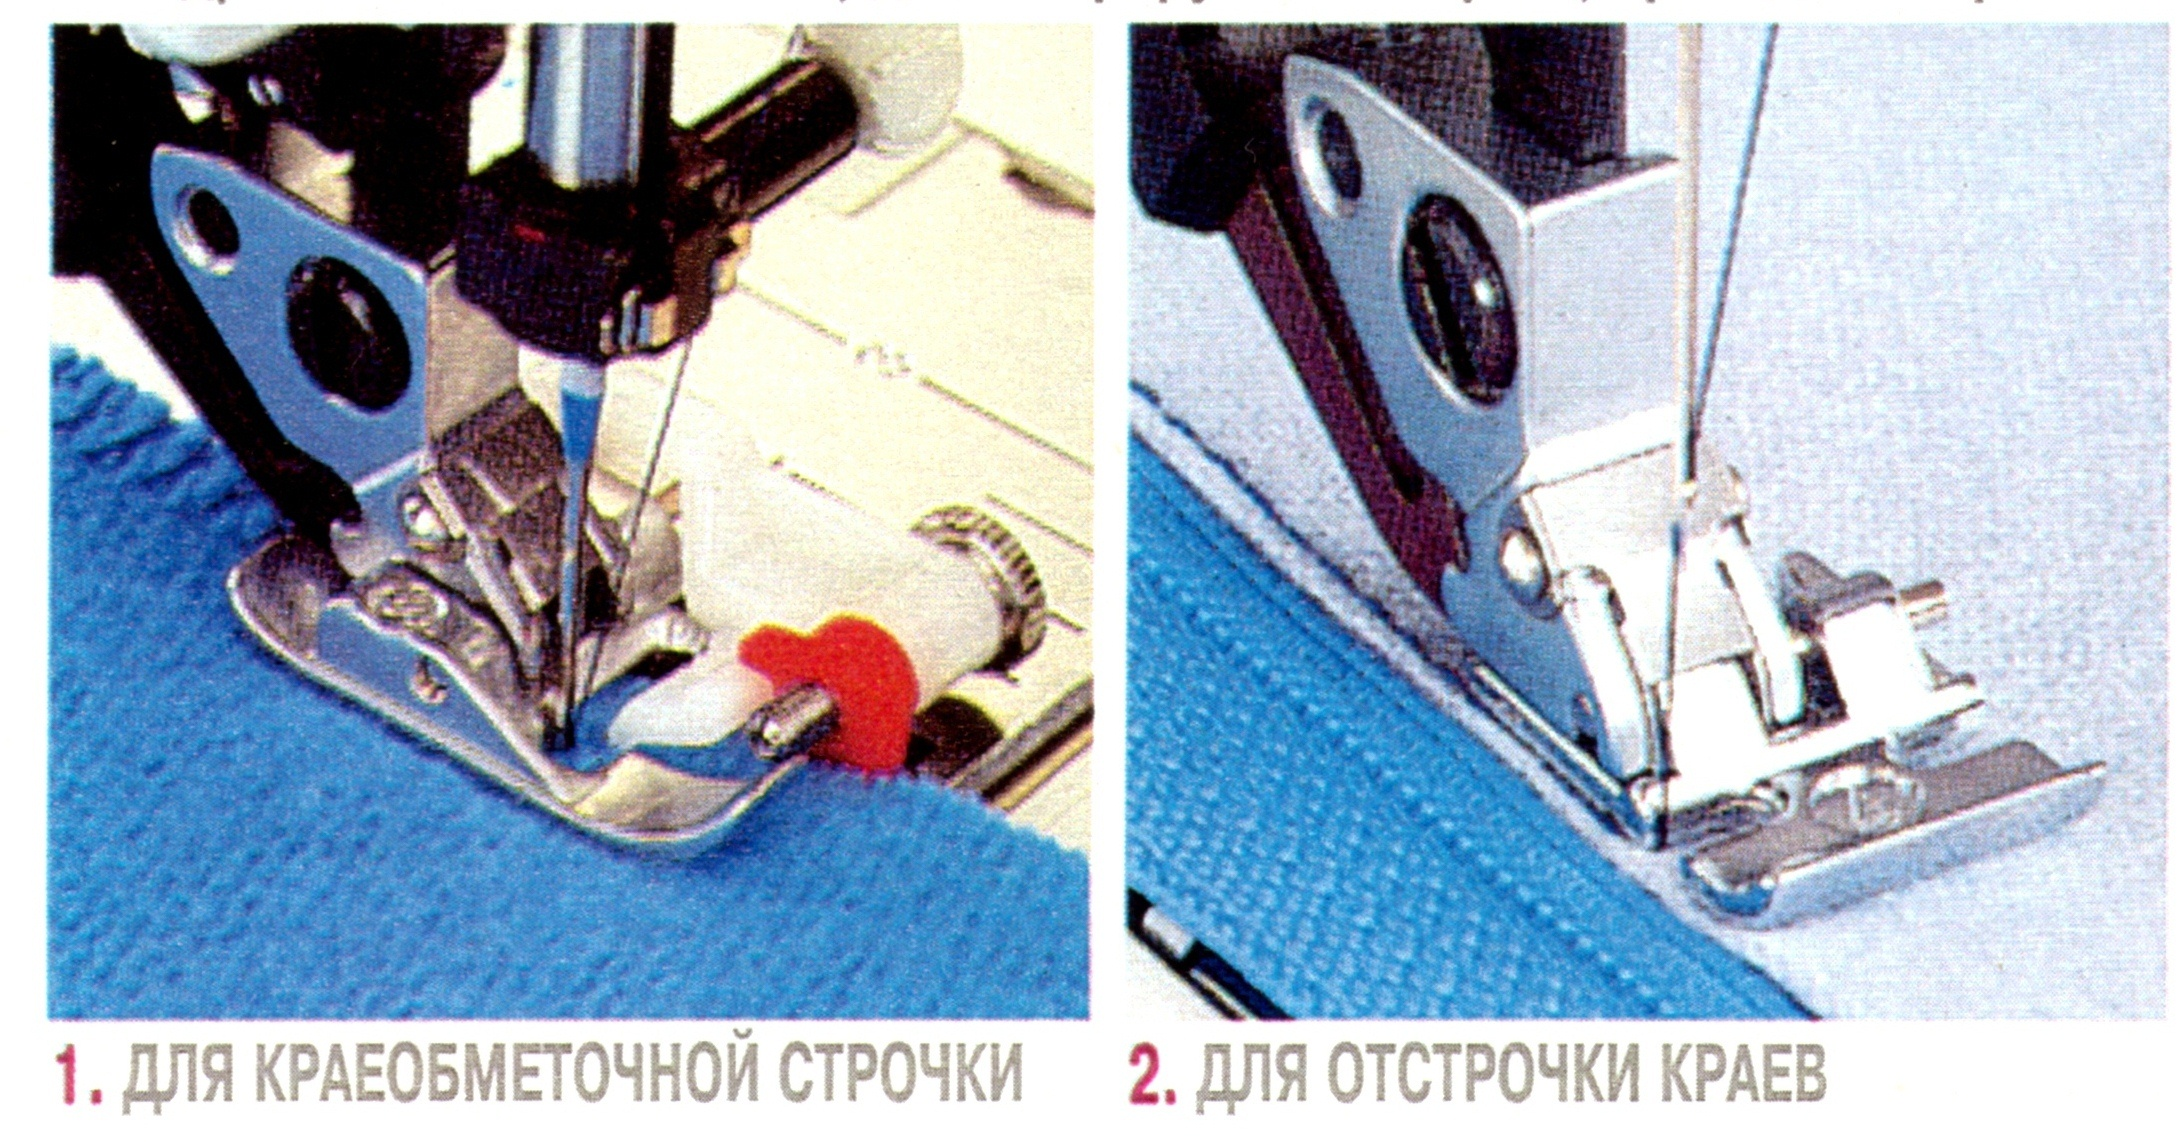 Швейные лапки 1-2